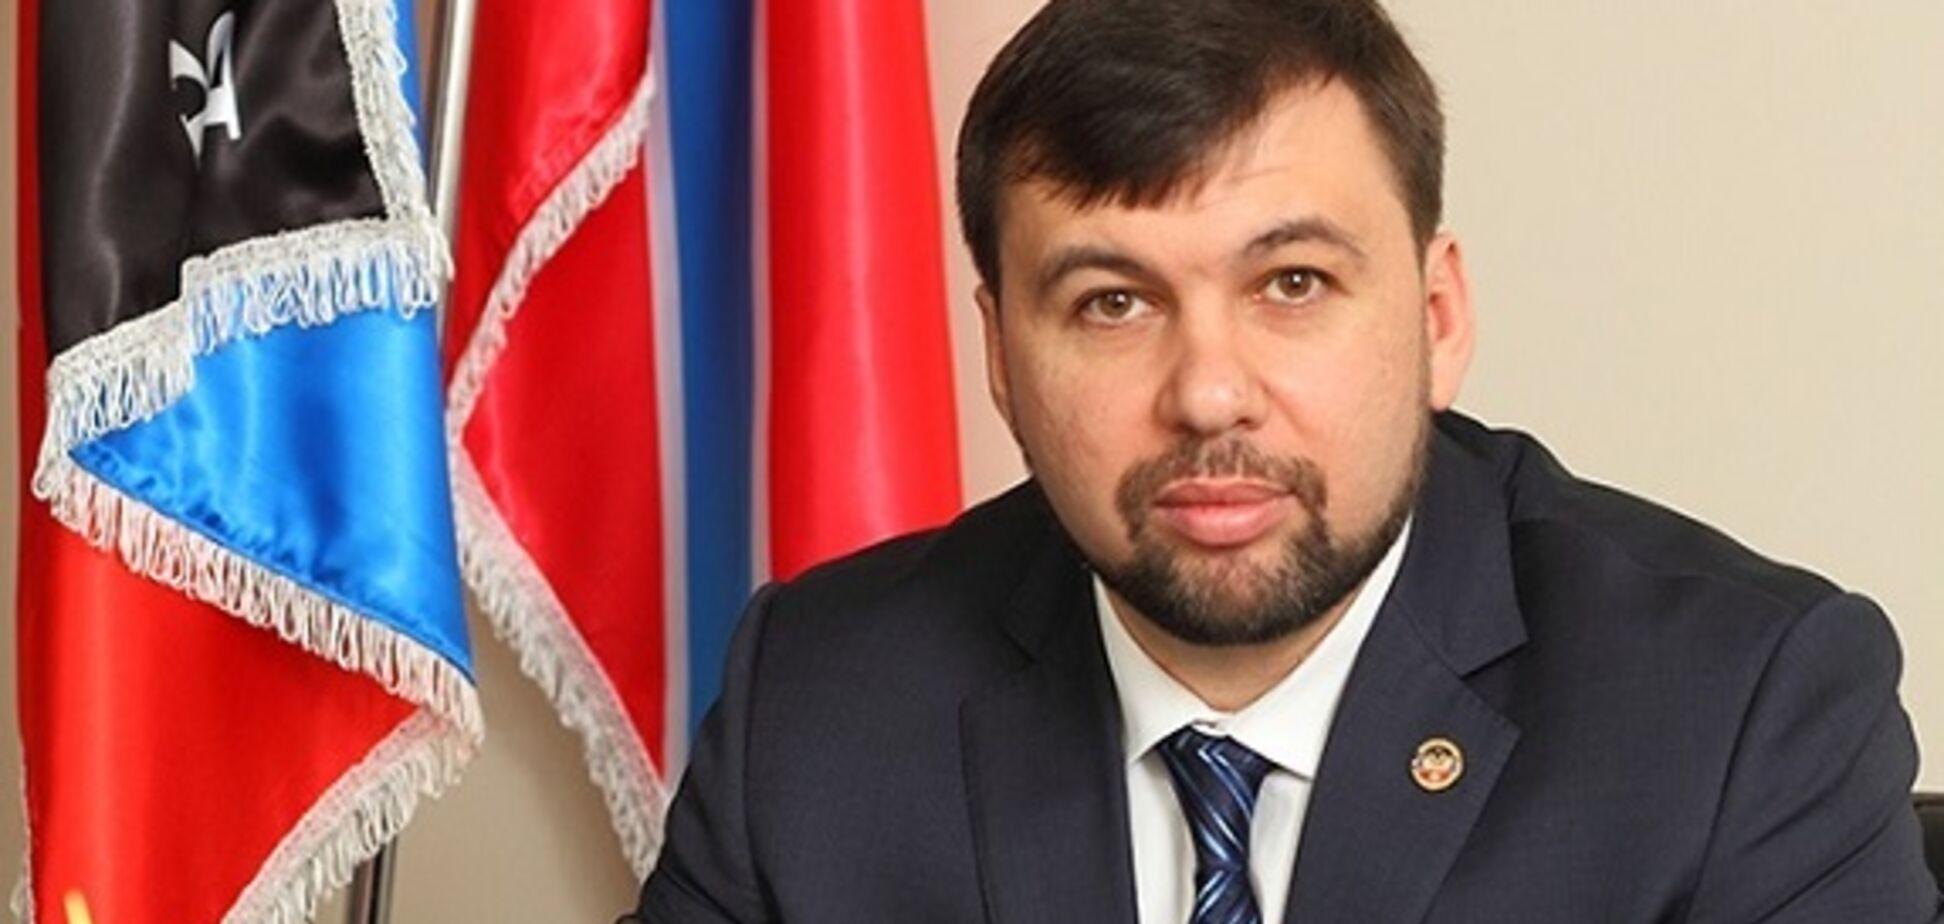 Выборы президента Украины: всплыл тайный указ главаря ''ДНР''